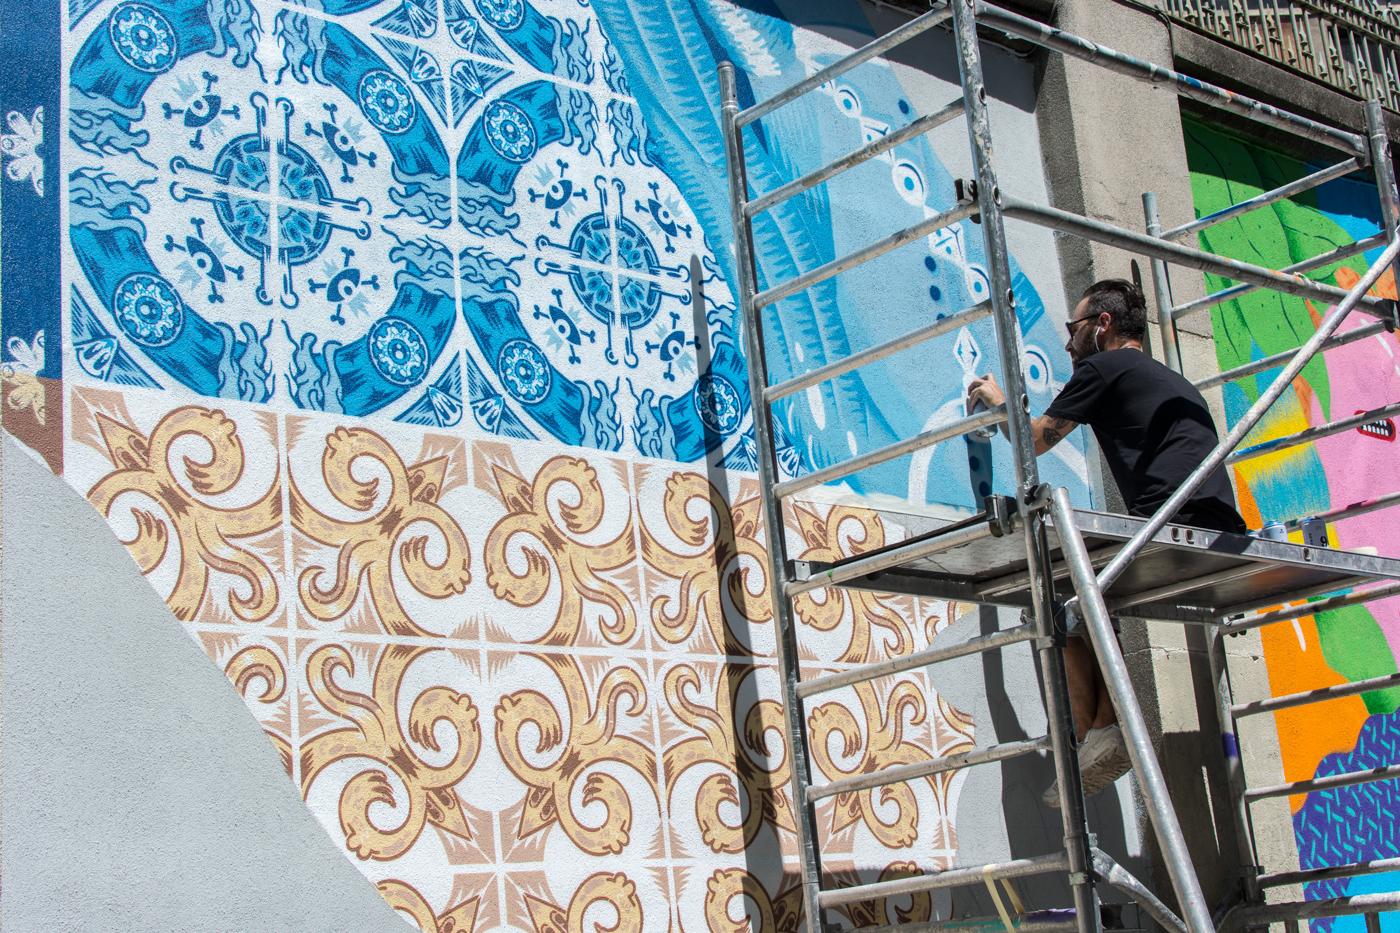 Add Fuel - MurosTabacalera by Guillermo de la Madrid - Madrid Street Art Project-19.jpg